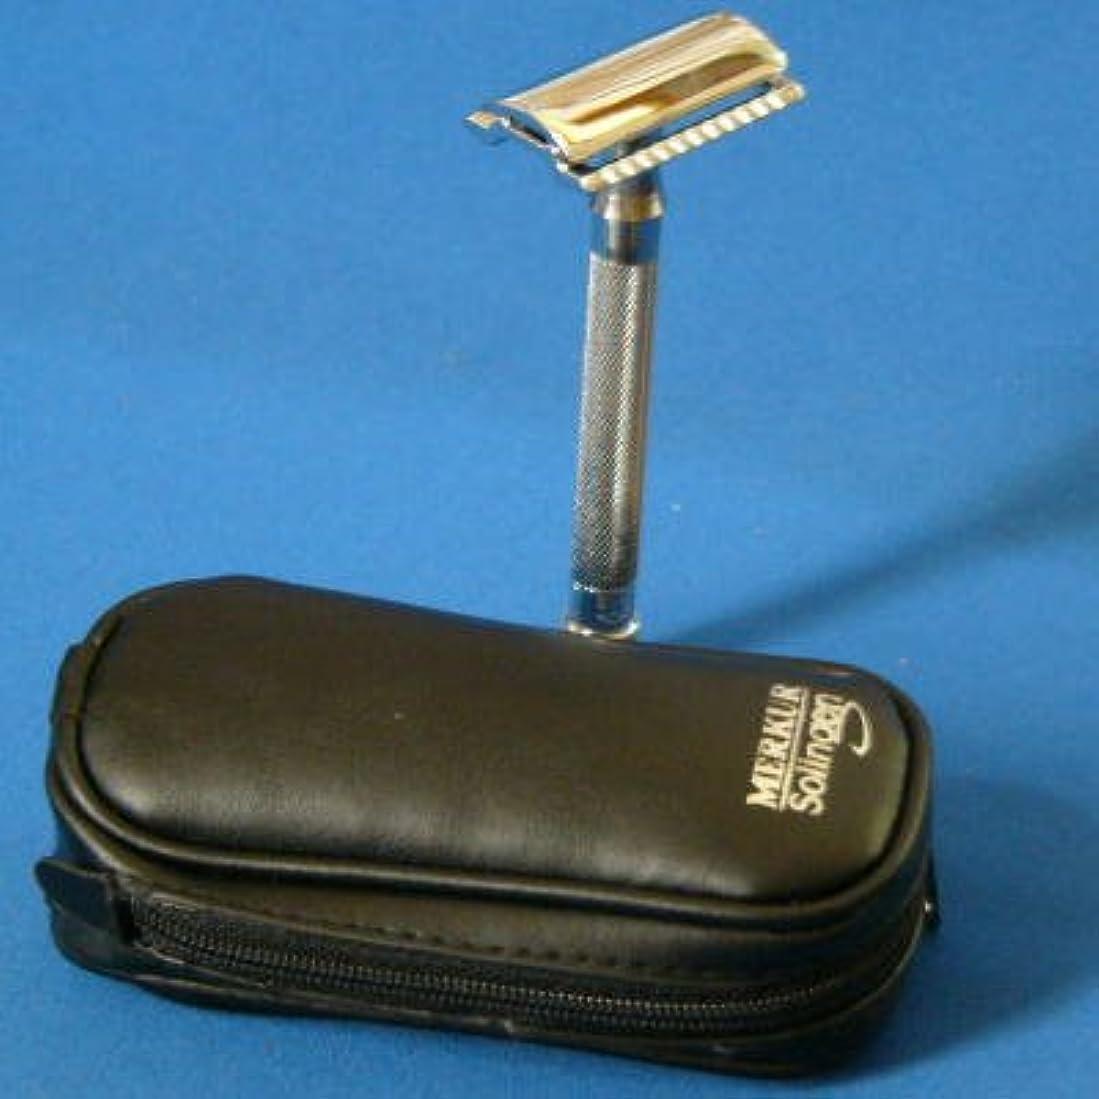 頭痛ポルティコ比類のないメルクール髭剃り(ひげそり) 23C(専用革ケース&替刃11枚付)